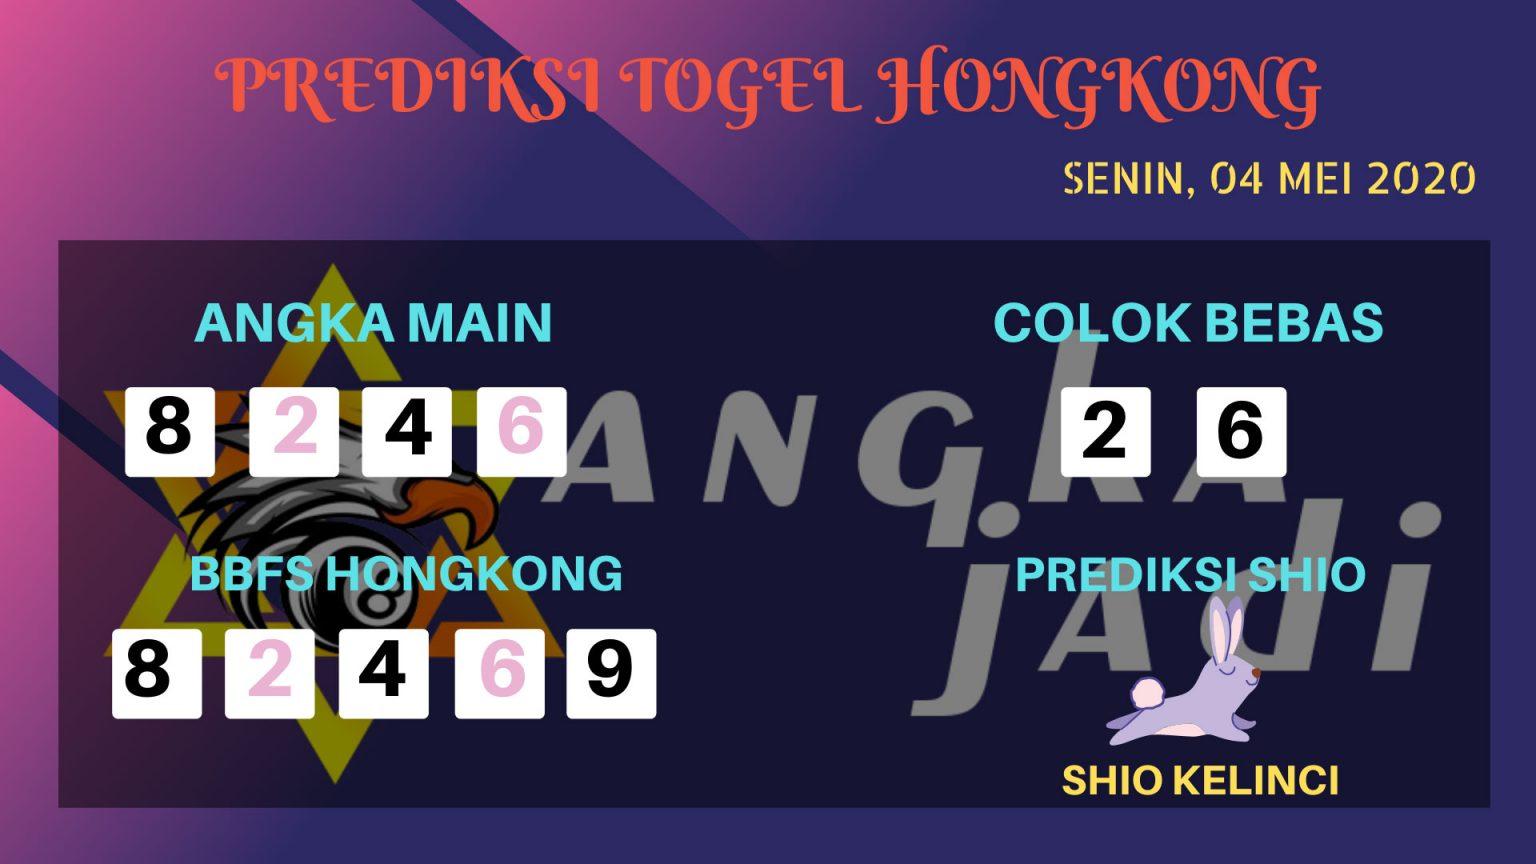 Prediksi Togel Hongkong 04 Mei 2020 - Prediksi Angka Jadi